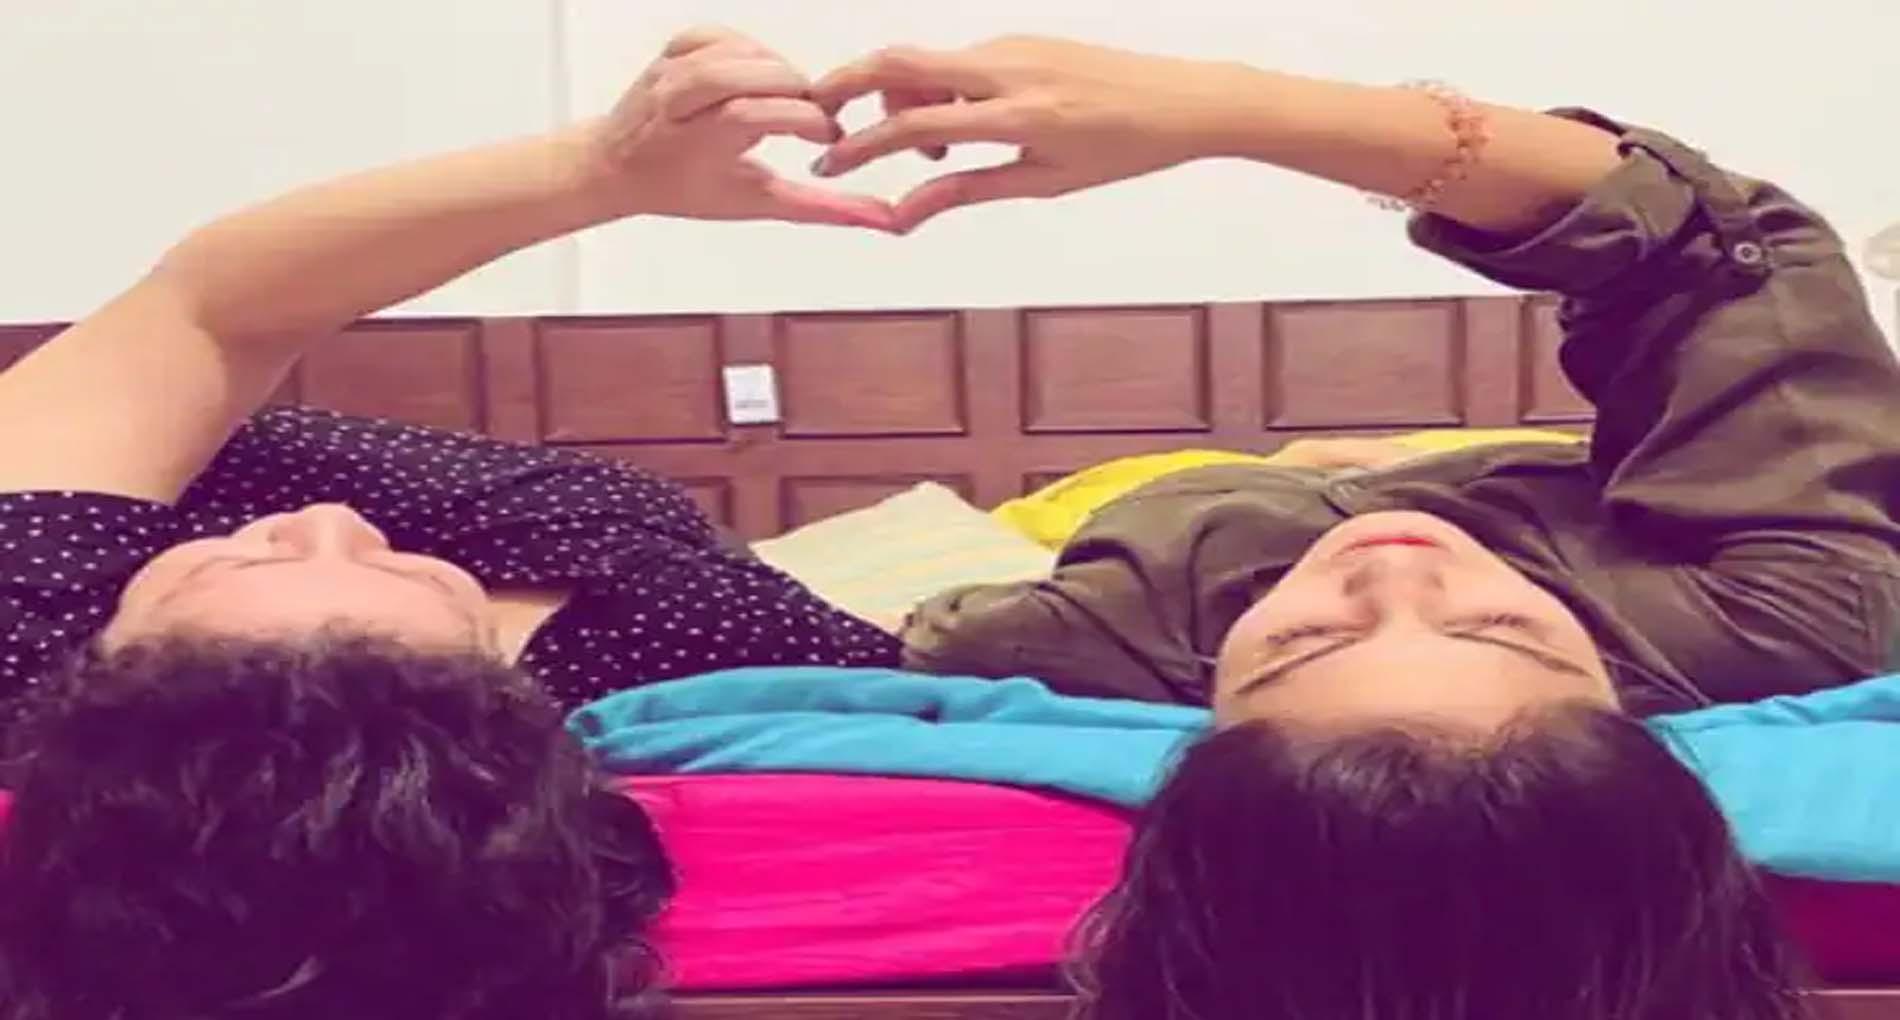 रिया चक्रवर्ती ने बताया अपने प्यार को सच्चा! पोस्ट शेयर कर बयां किया हाल-ए-दिल